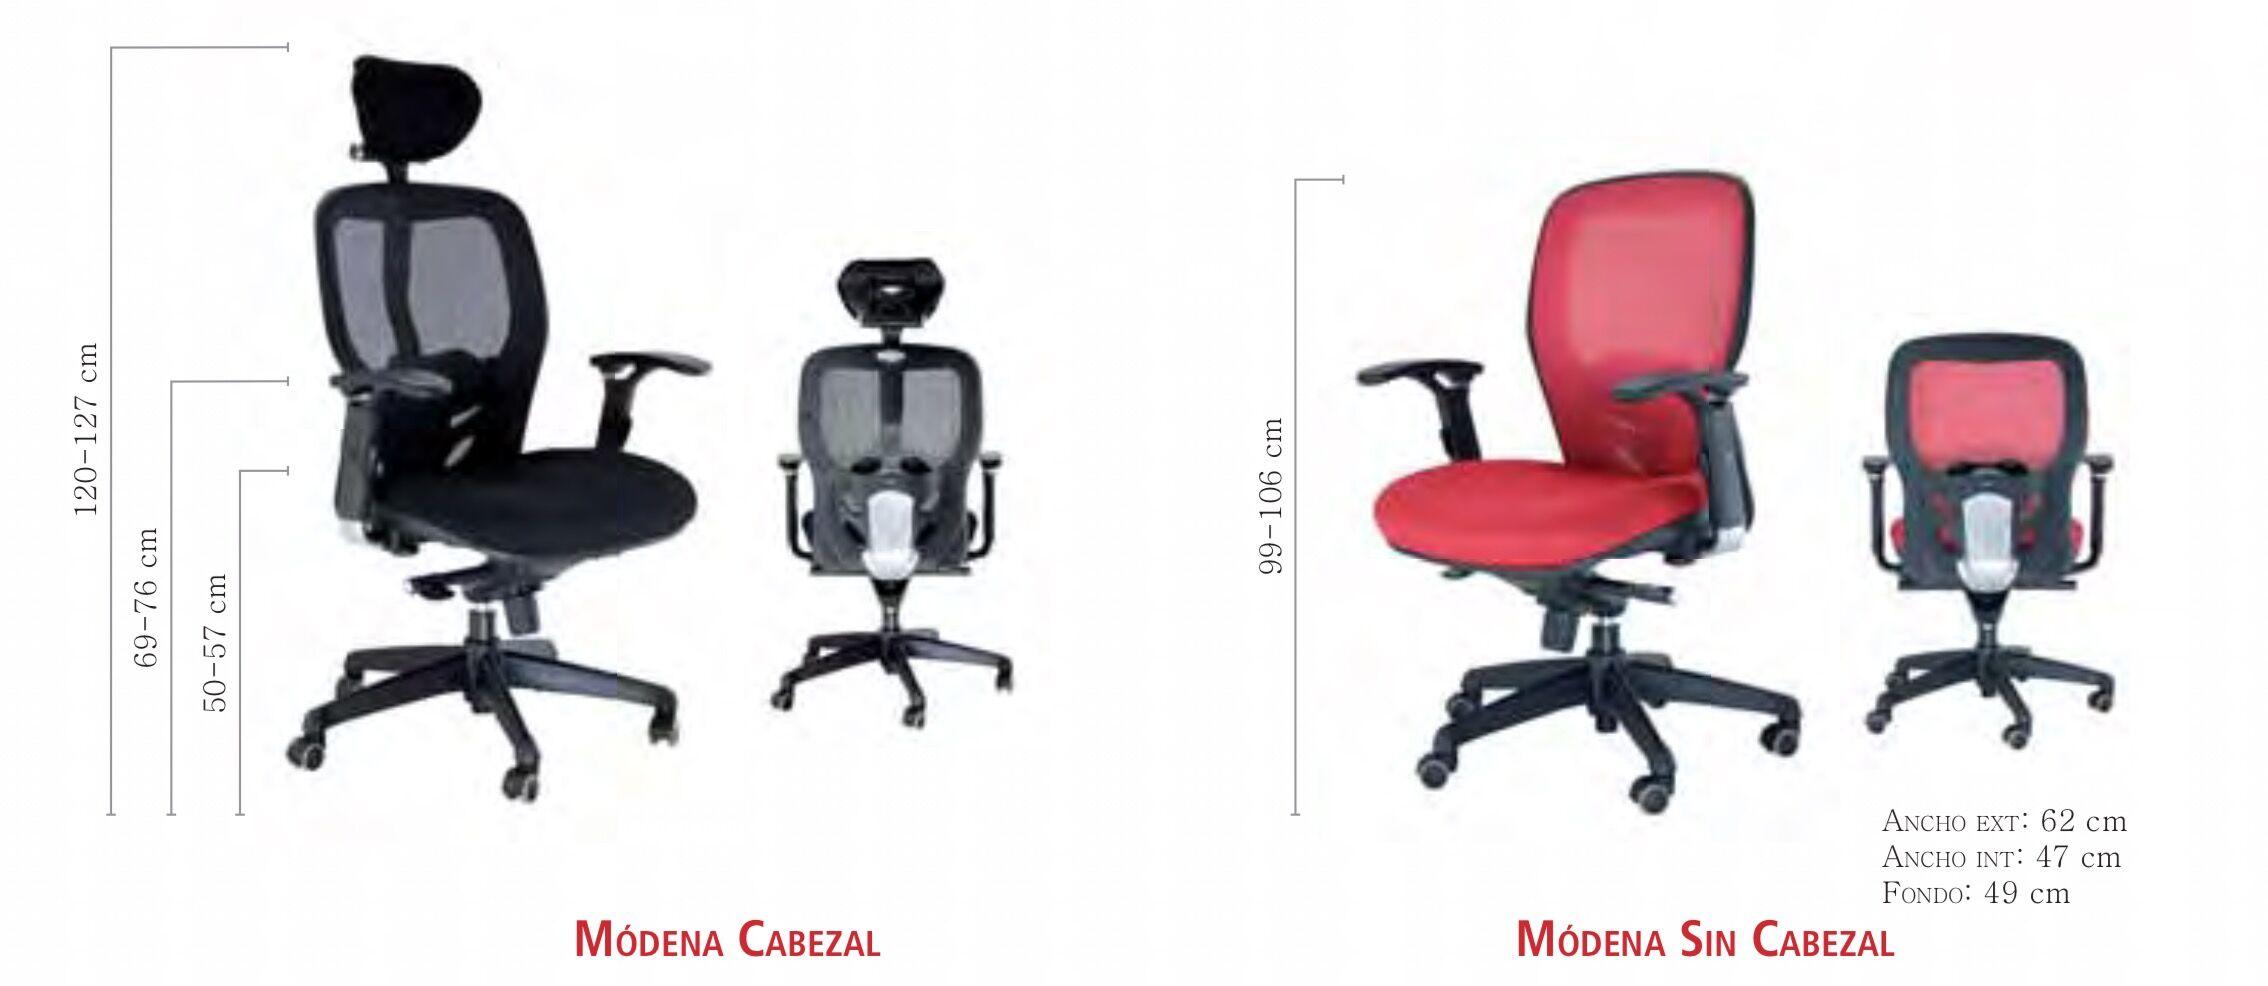 medidas silla módena vincolo